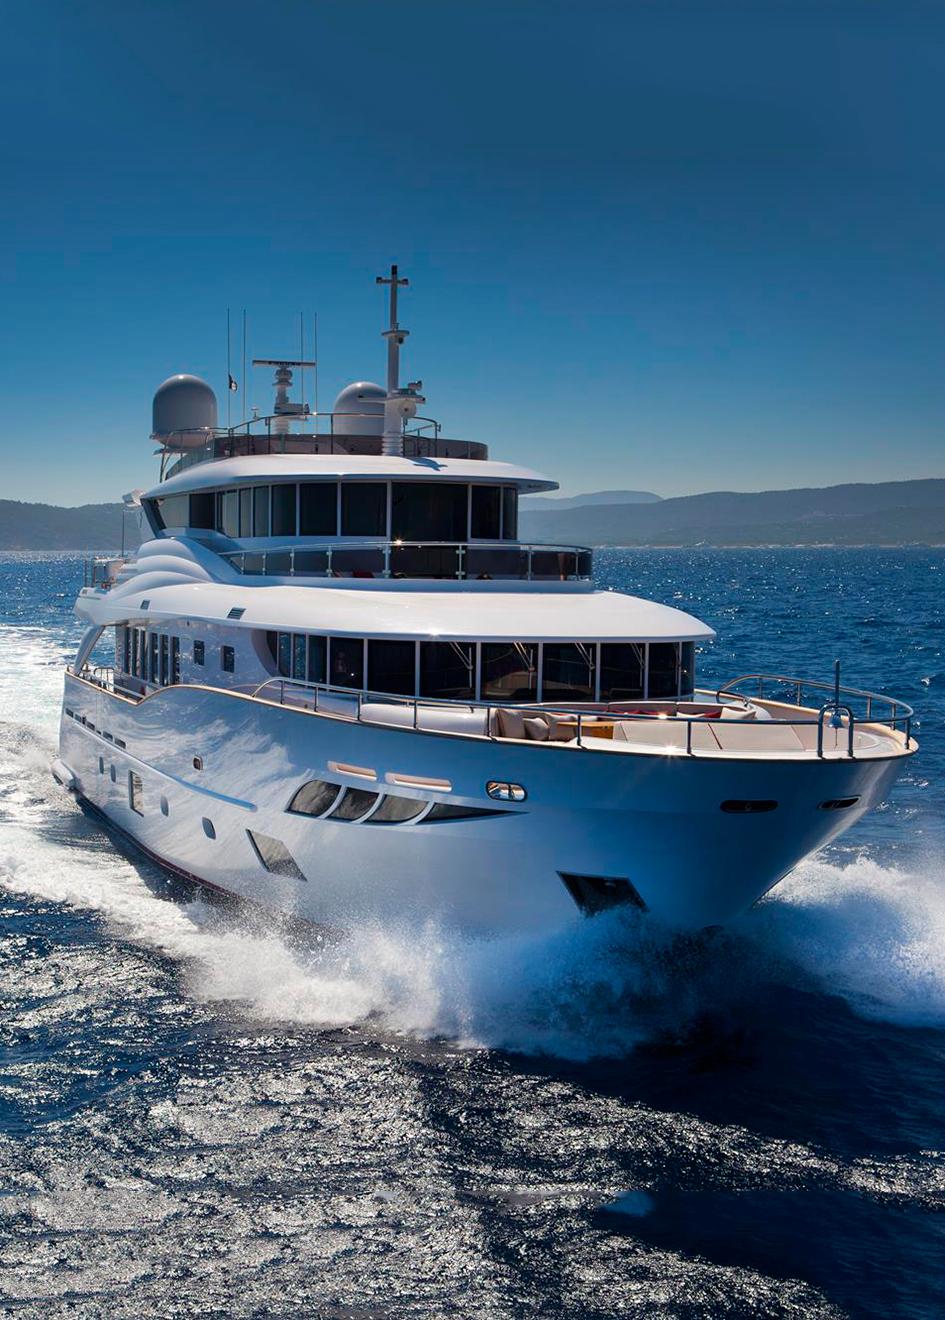 N30 yacht Gatsby